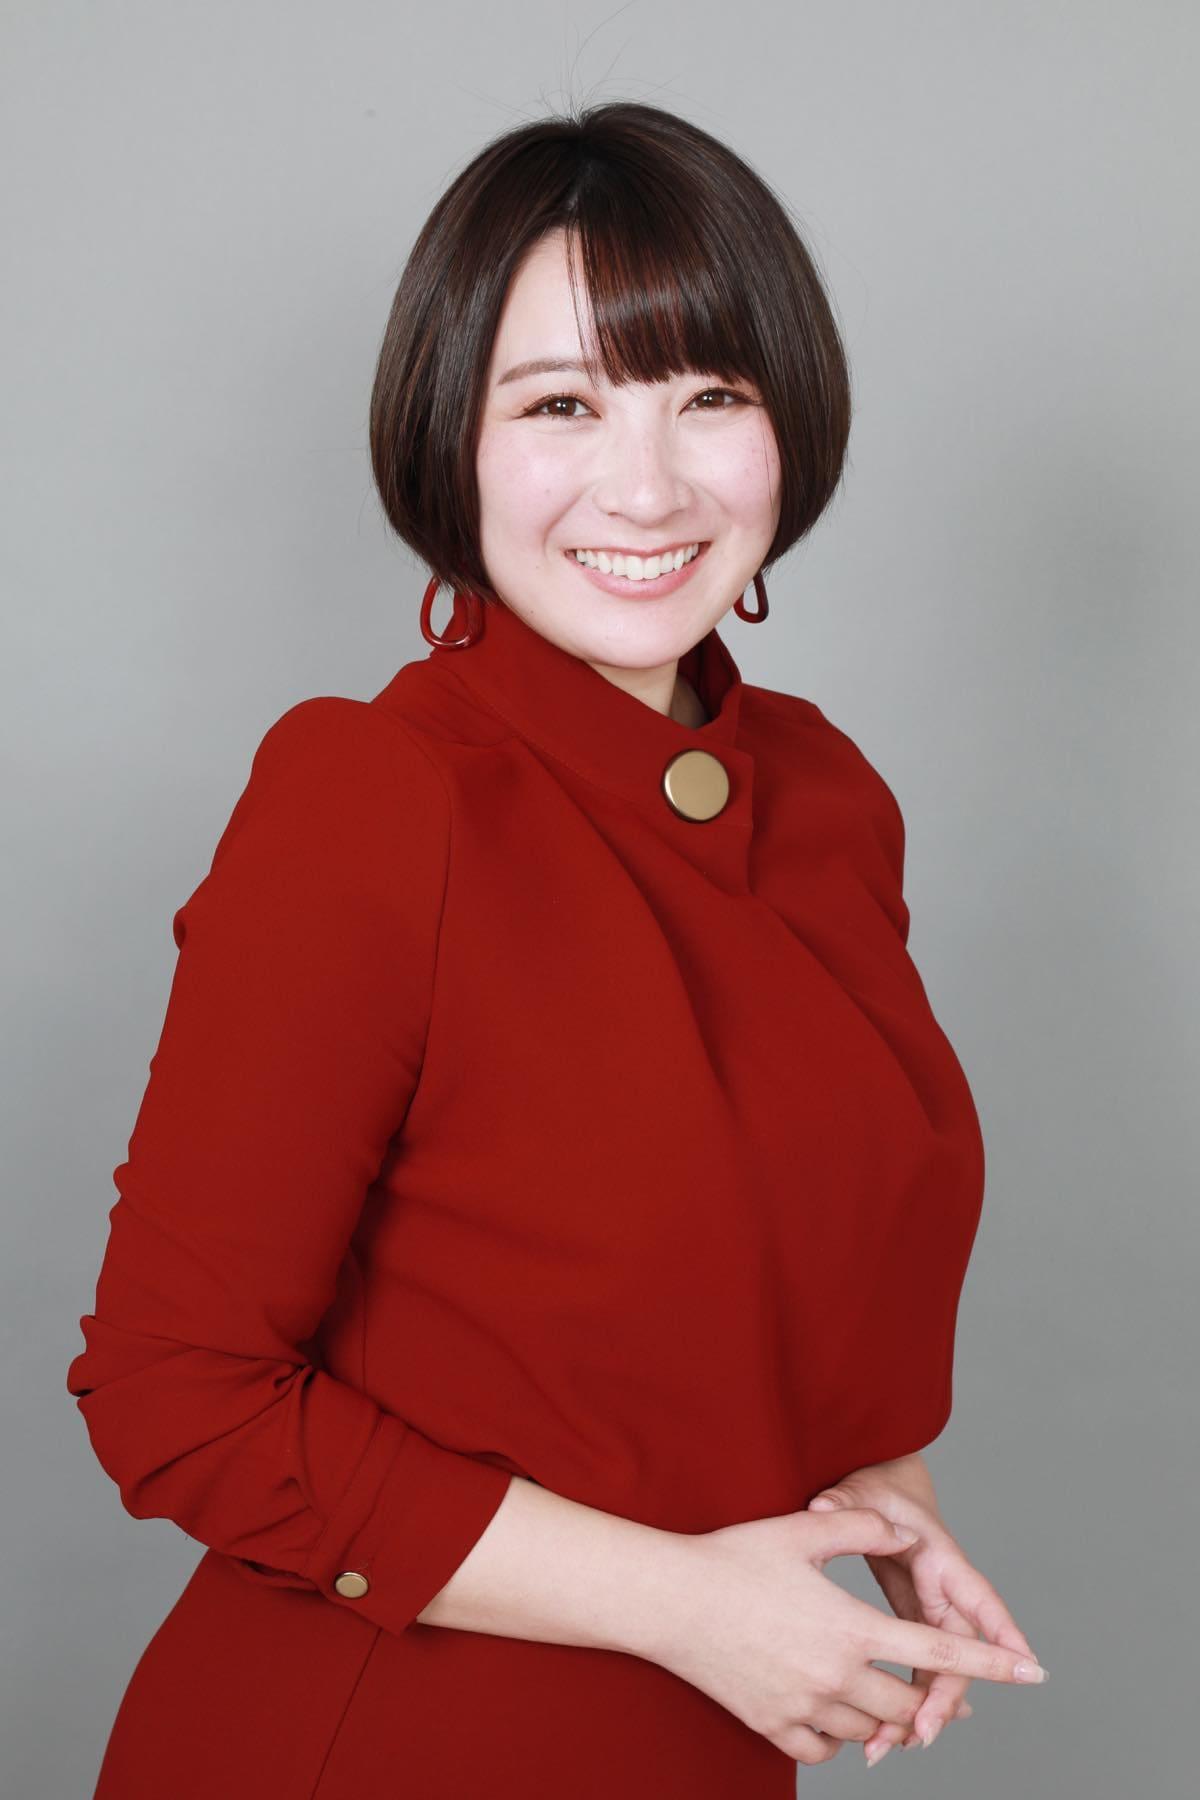 「105cmバスト」紺野栞の画像36